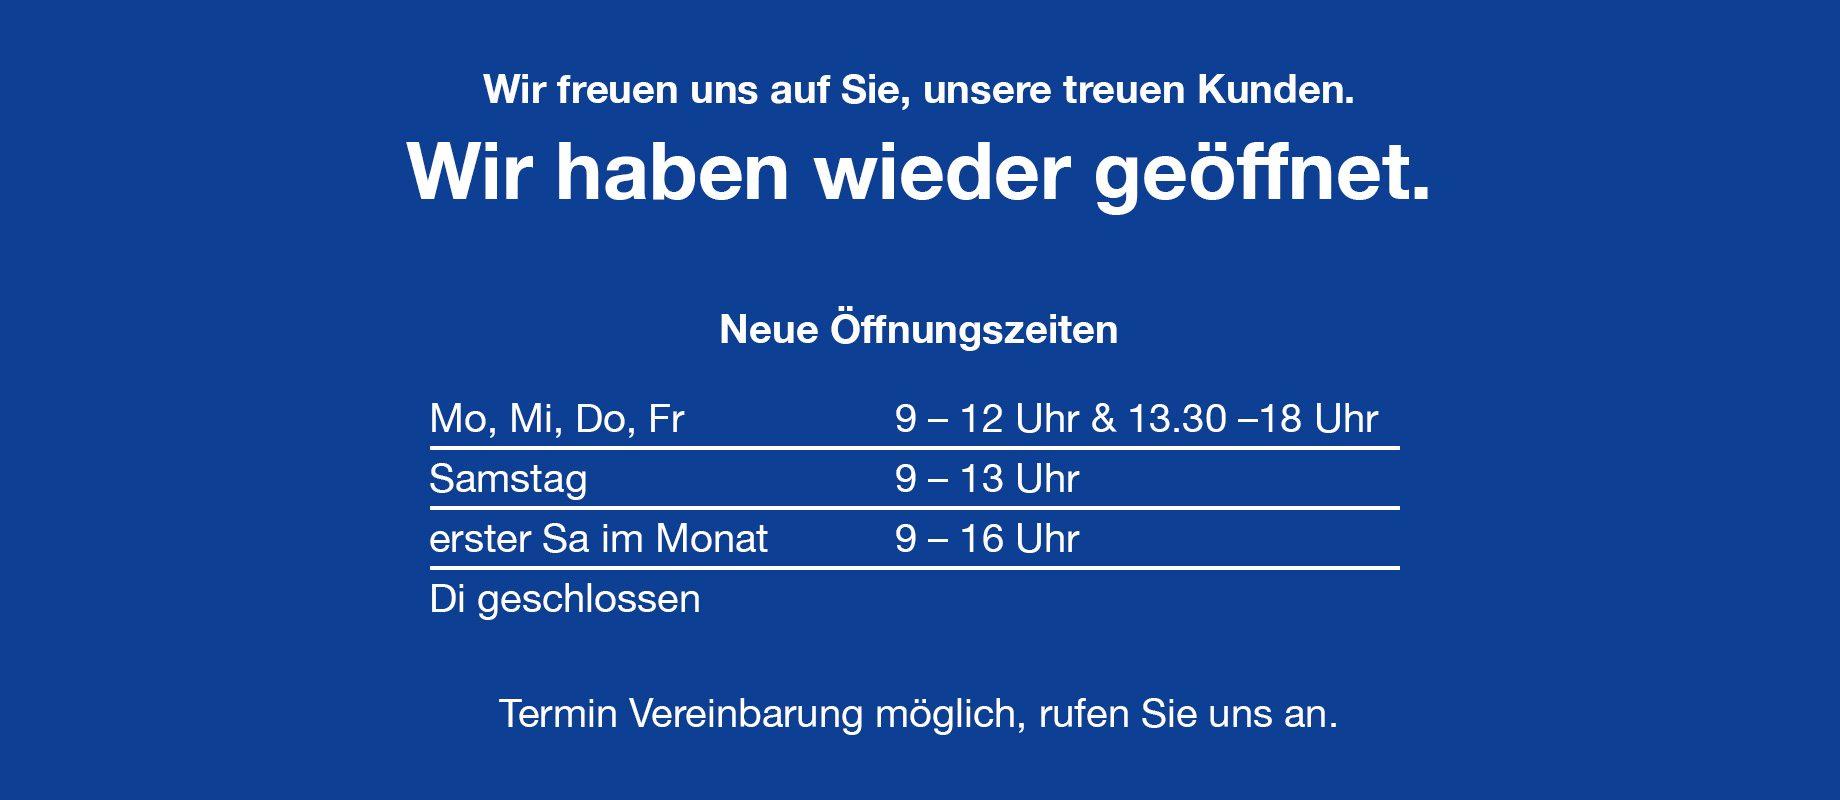 kirner_hohenthann_corona_oeffnungszeiten